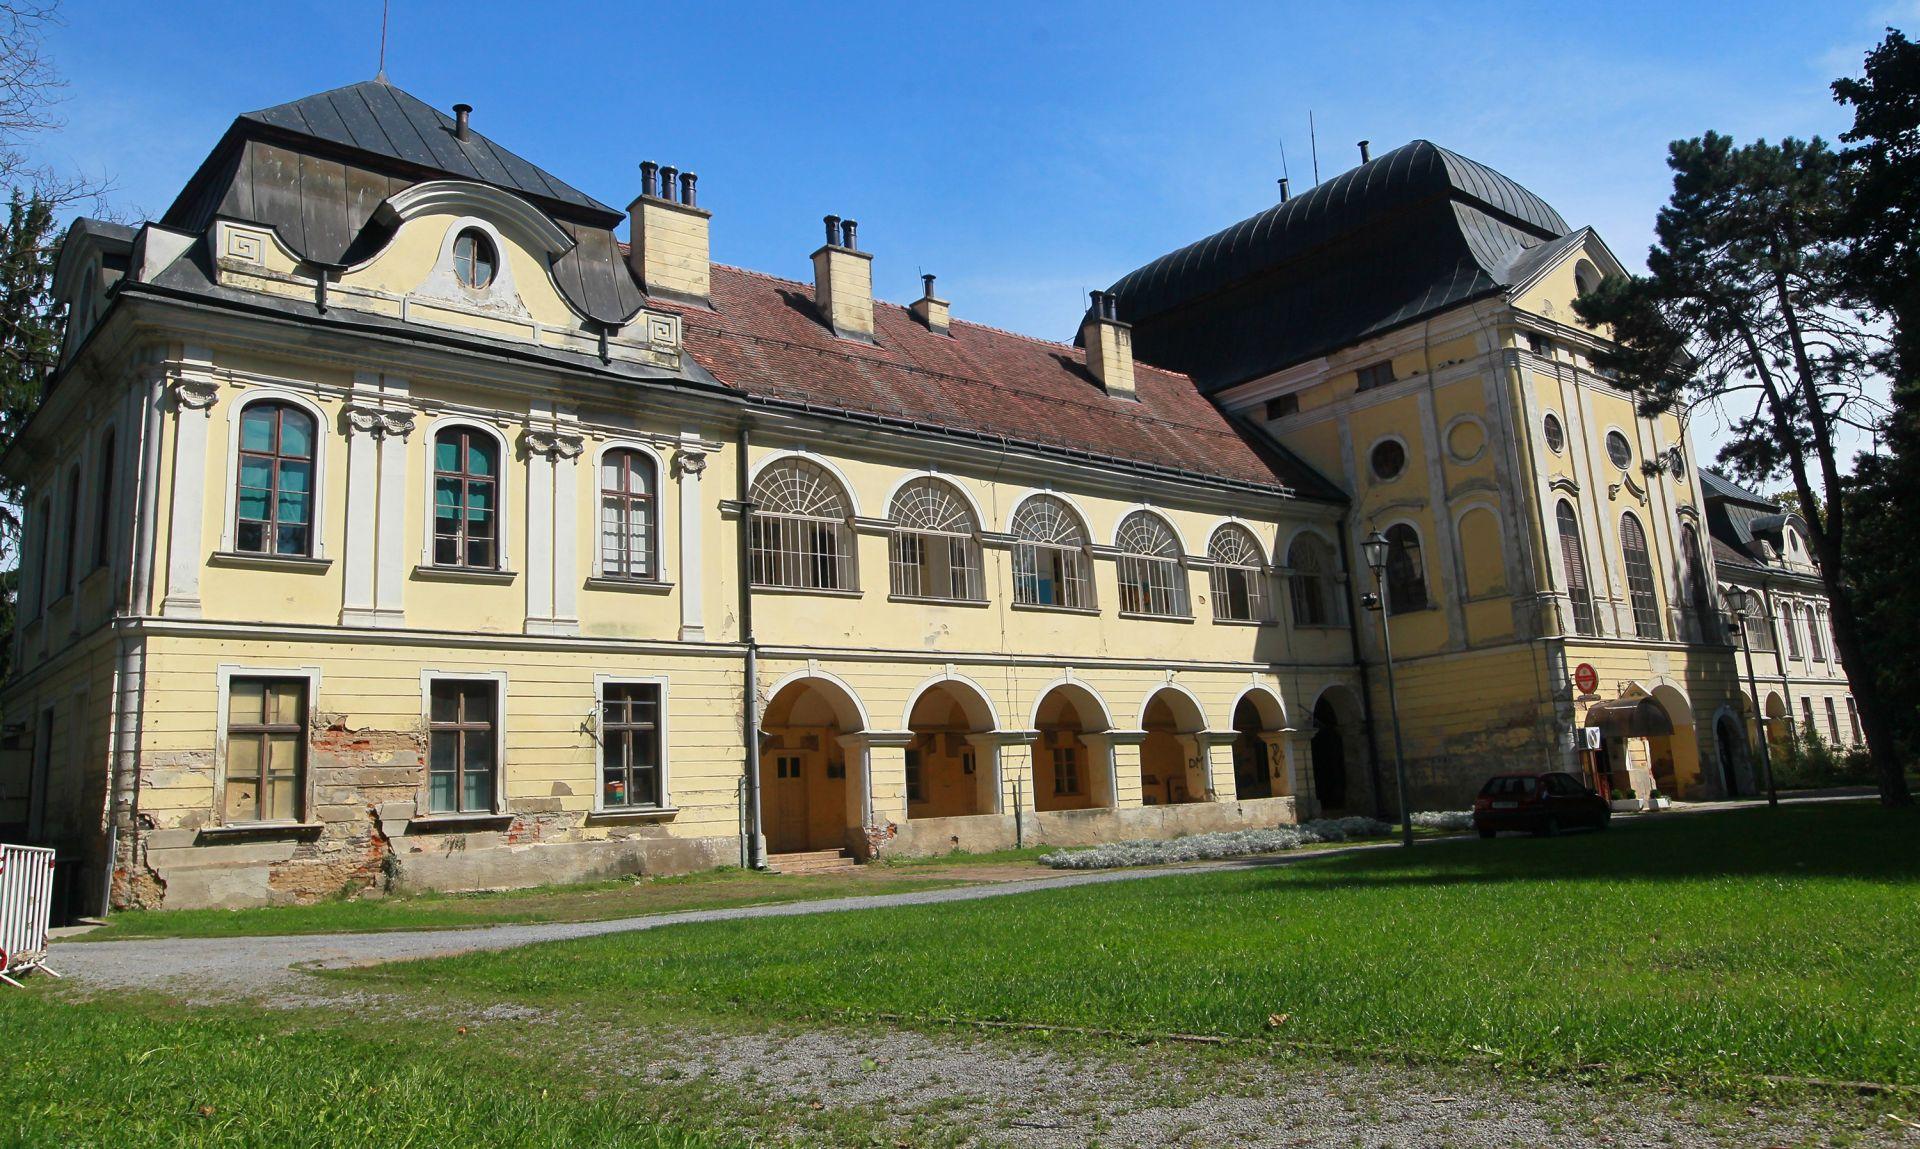 POTPISANI UGOVORI: 120 milijuna kuna za obnovu kulturne baštine